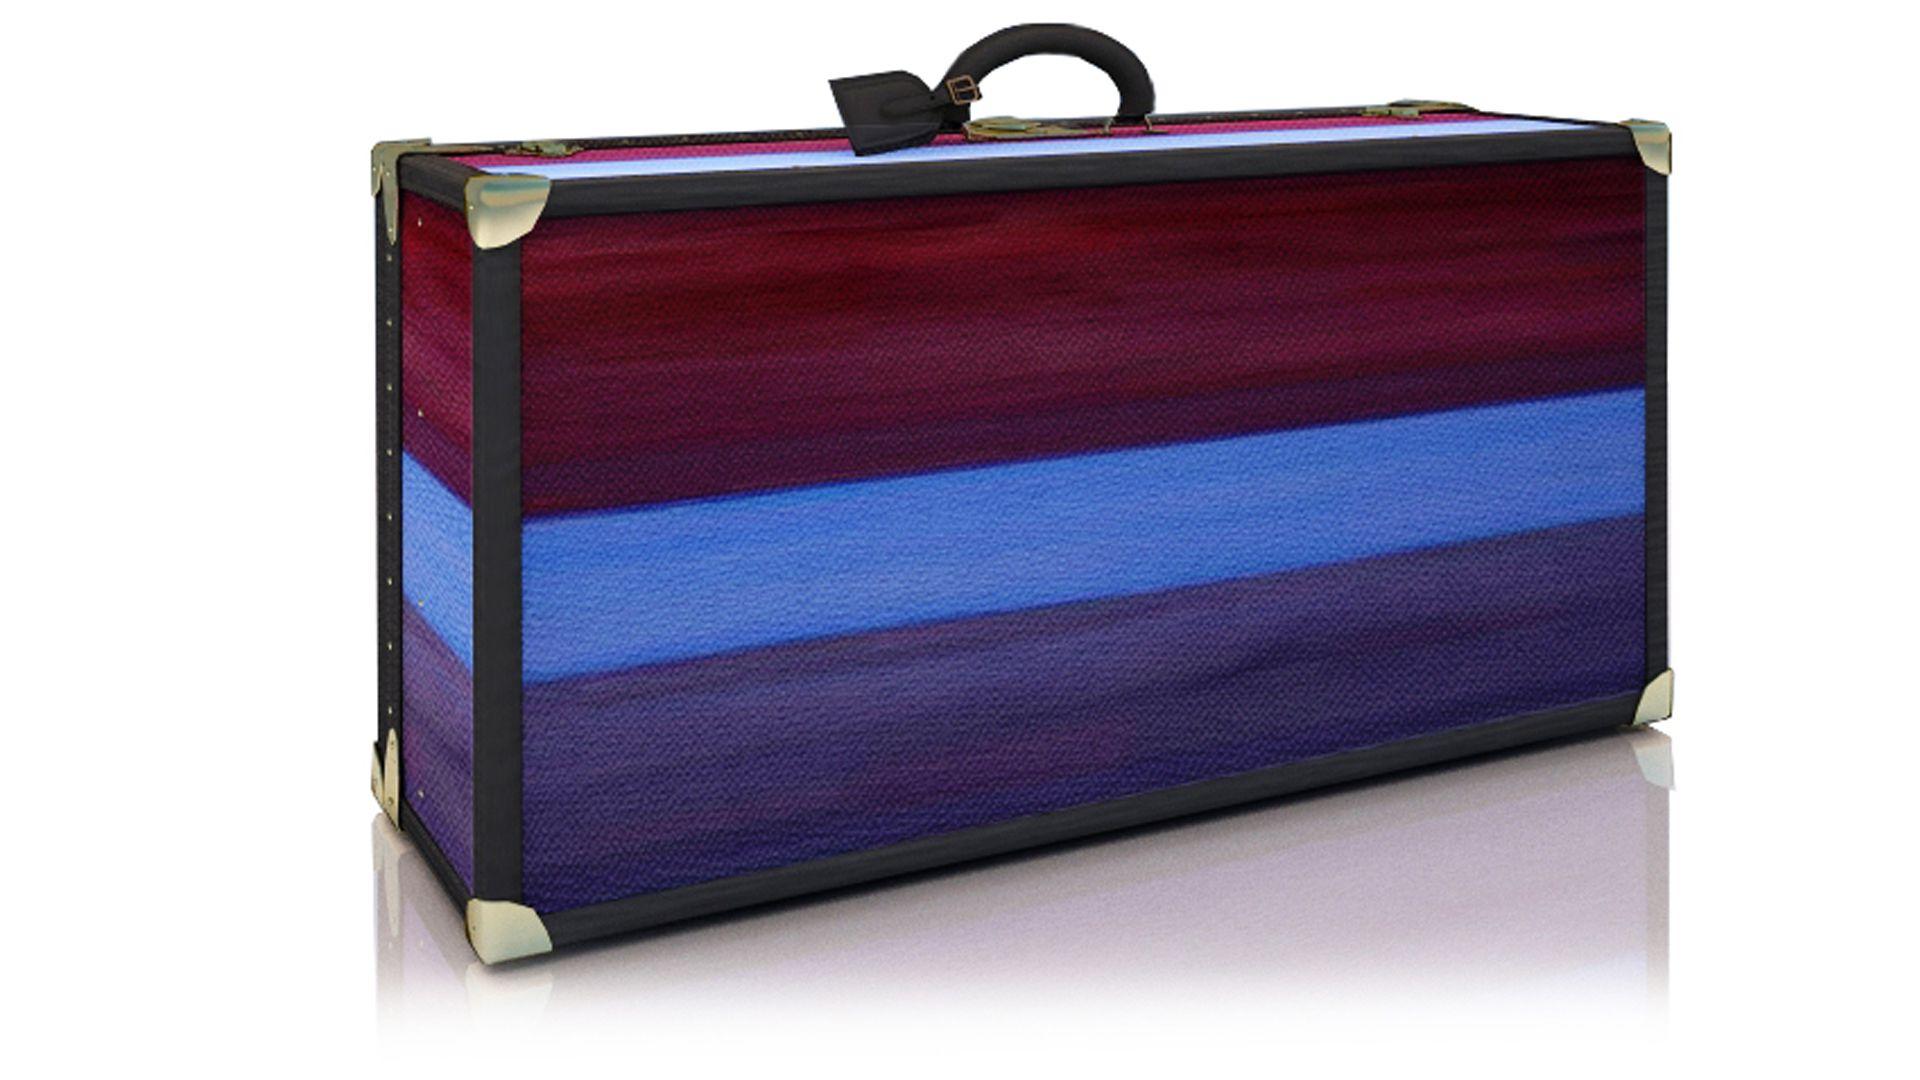 Artburo Suitcasel 70 Inner Light Artburo Suitcase